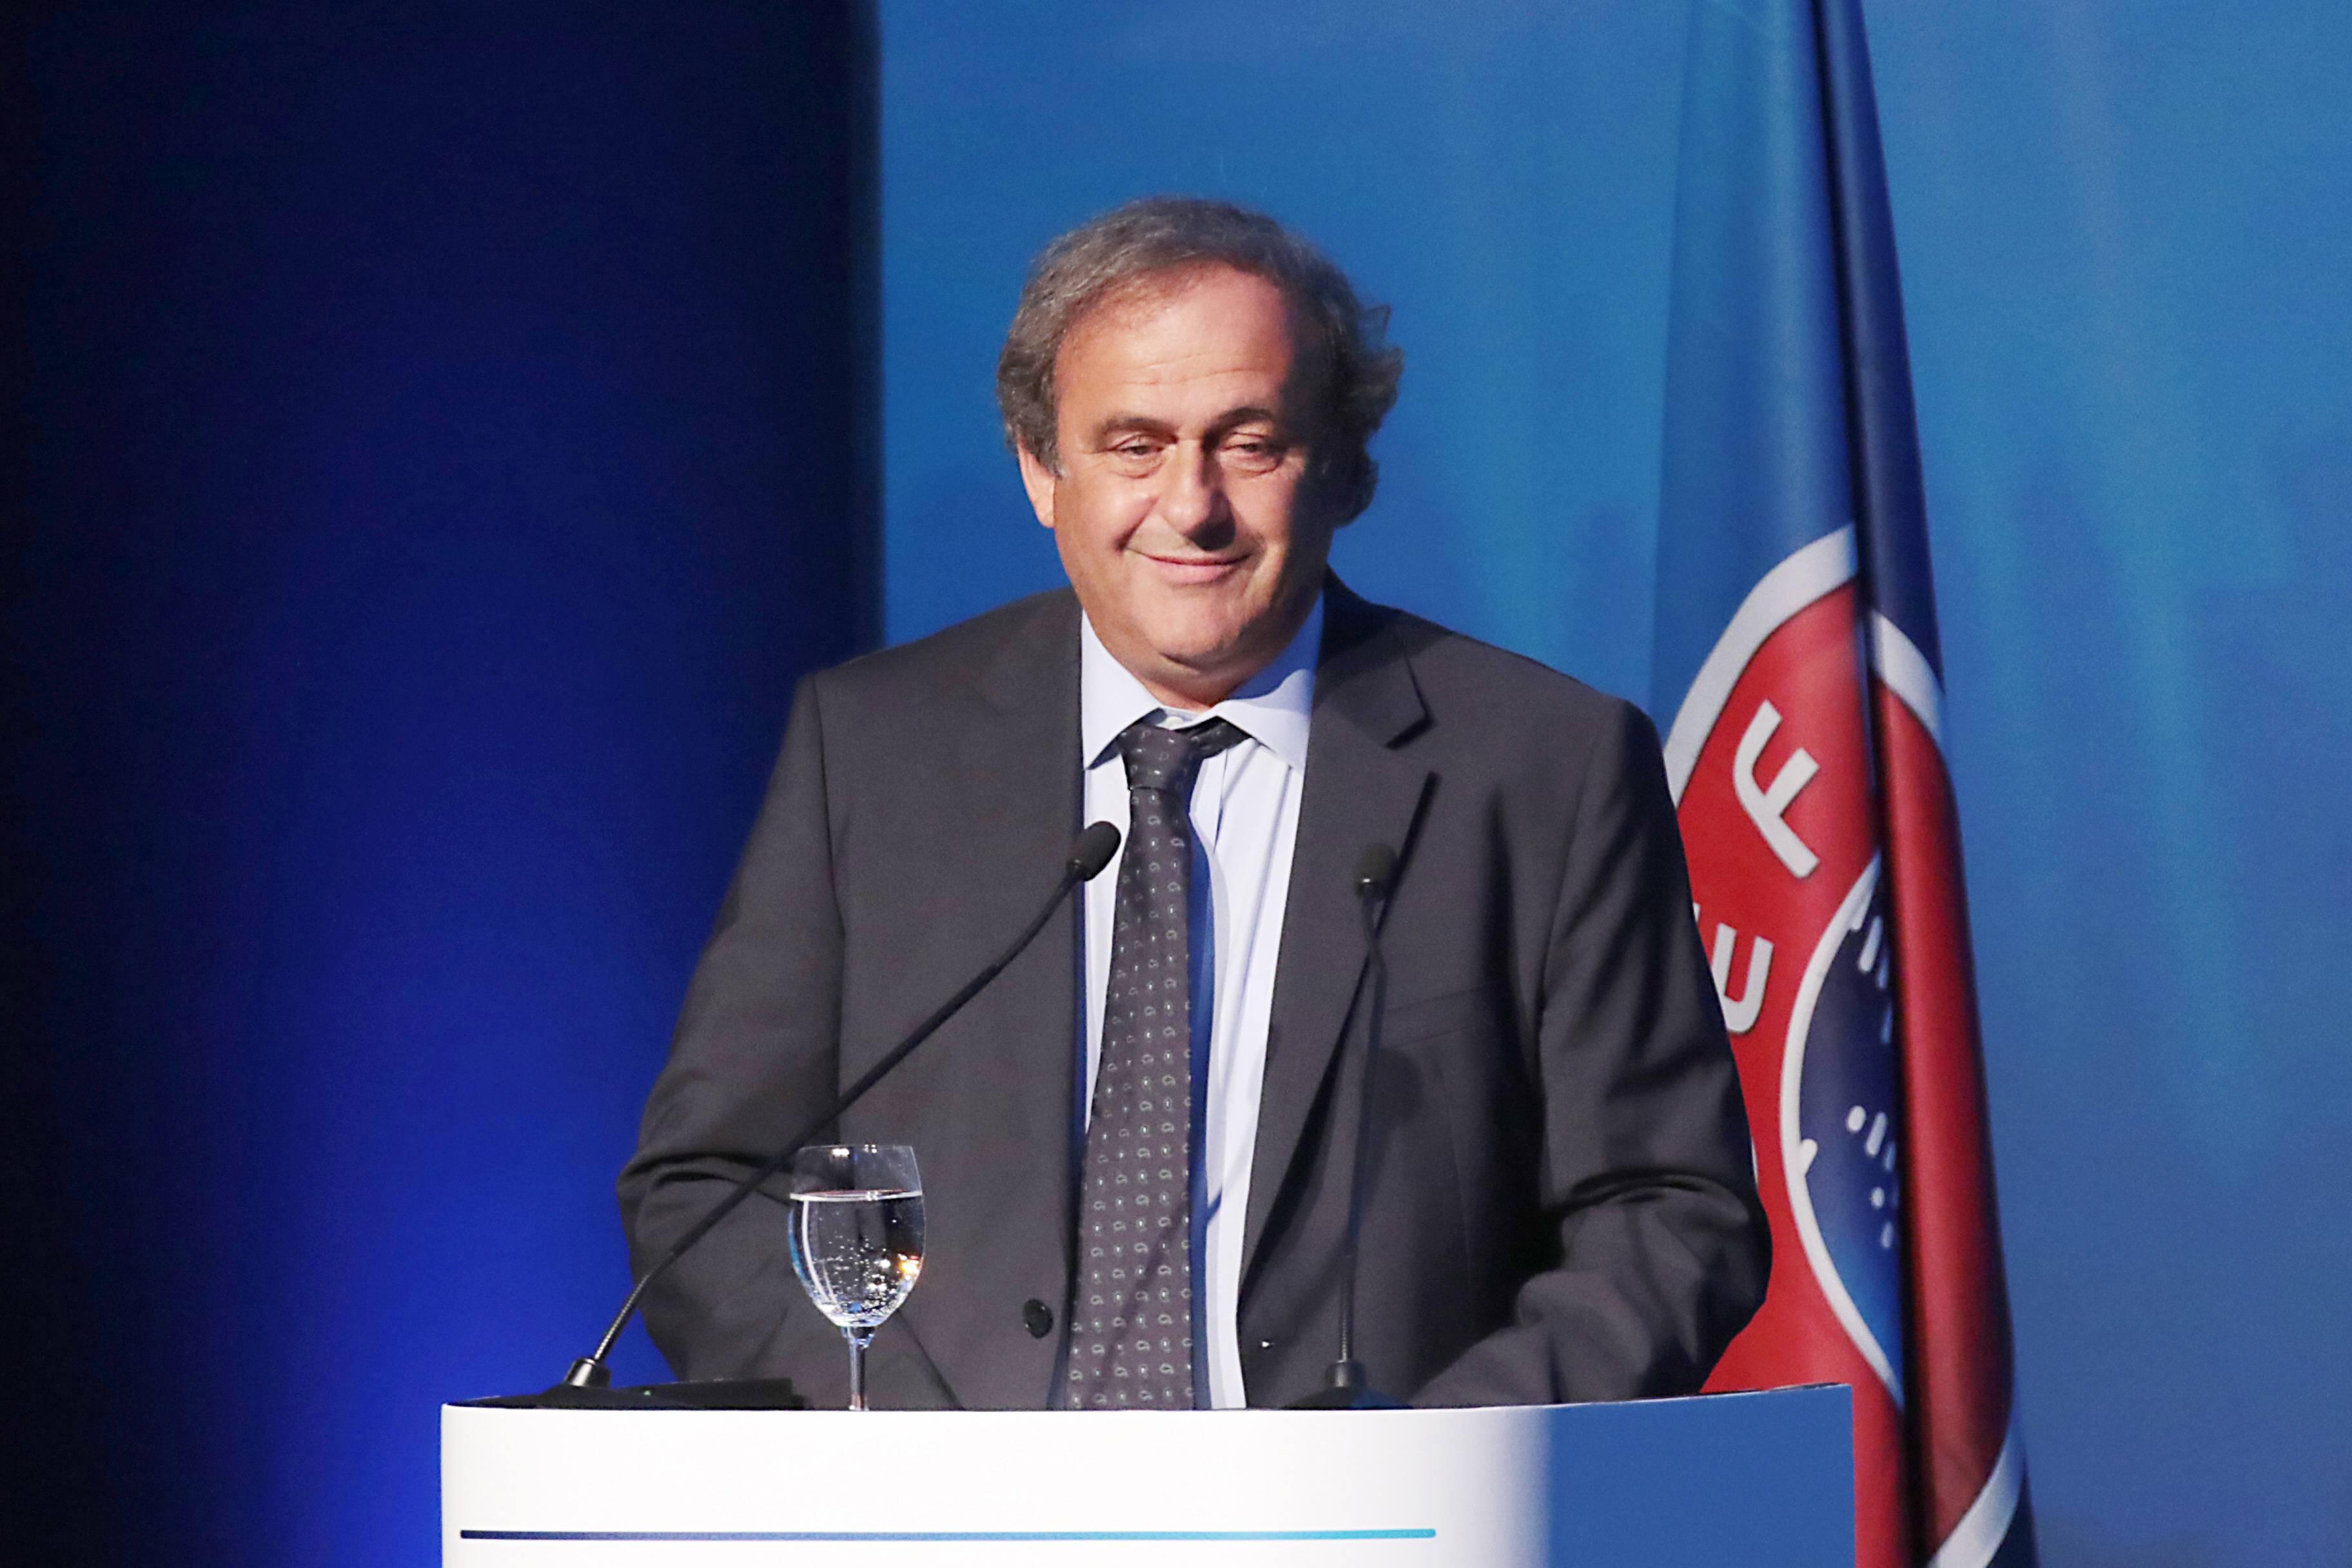 La messa in stato di fermo di Michel Platini in Francia nell'ambito dell'inchiesta sulla corruzione per l'attribuzione del Coppa del Mondo in Qatar ne...